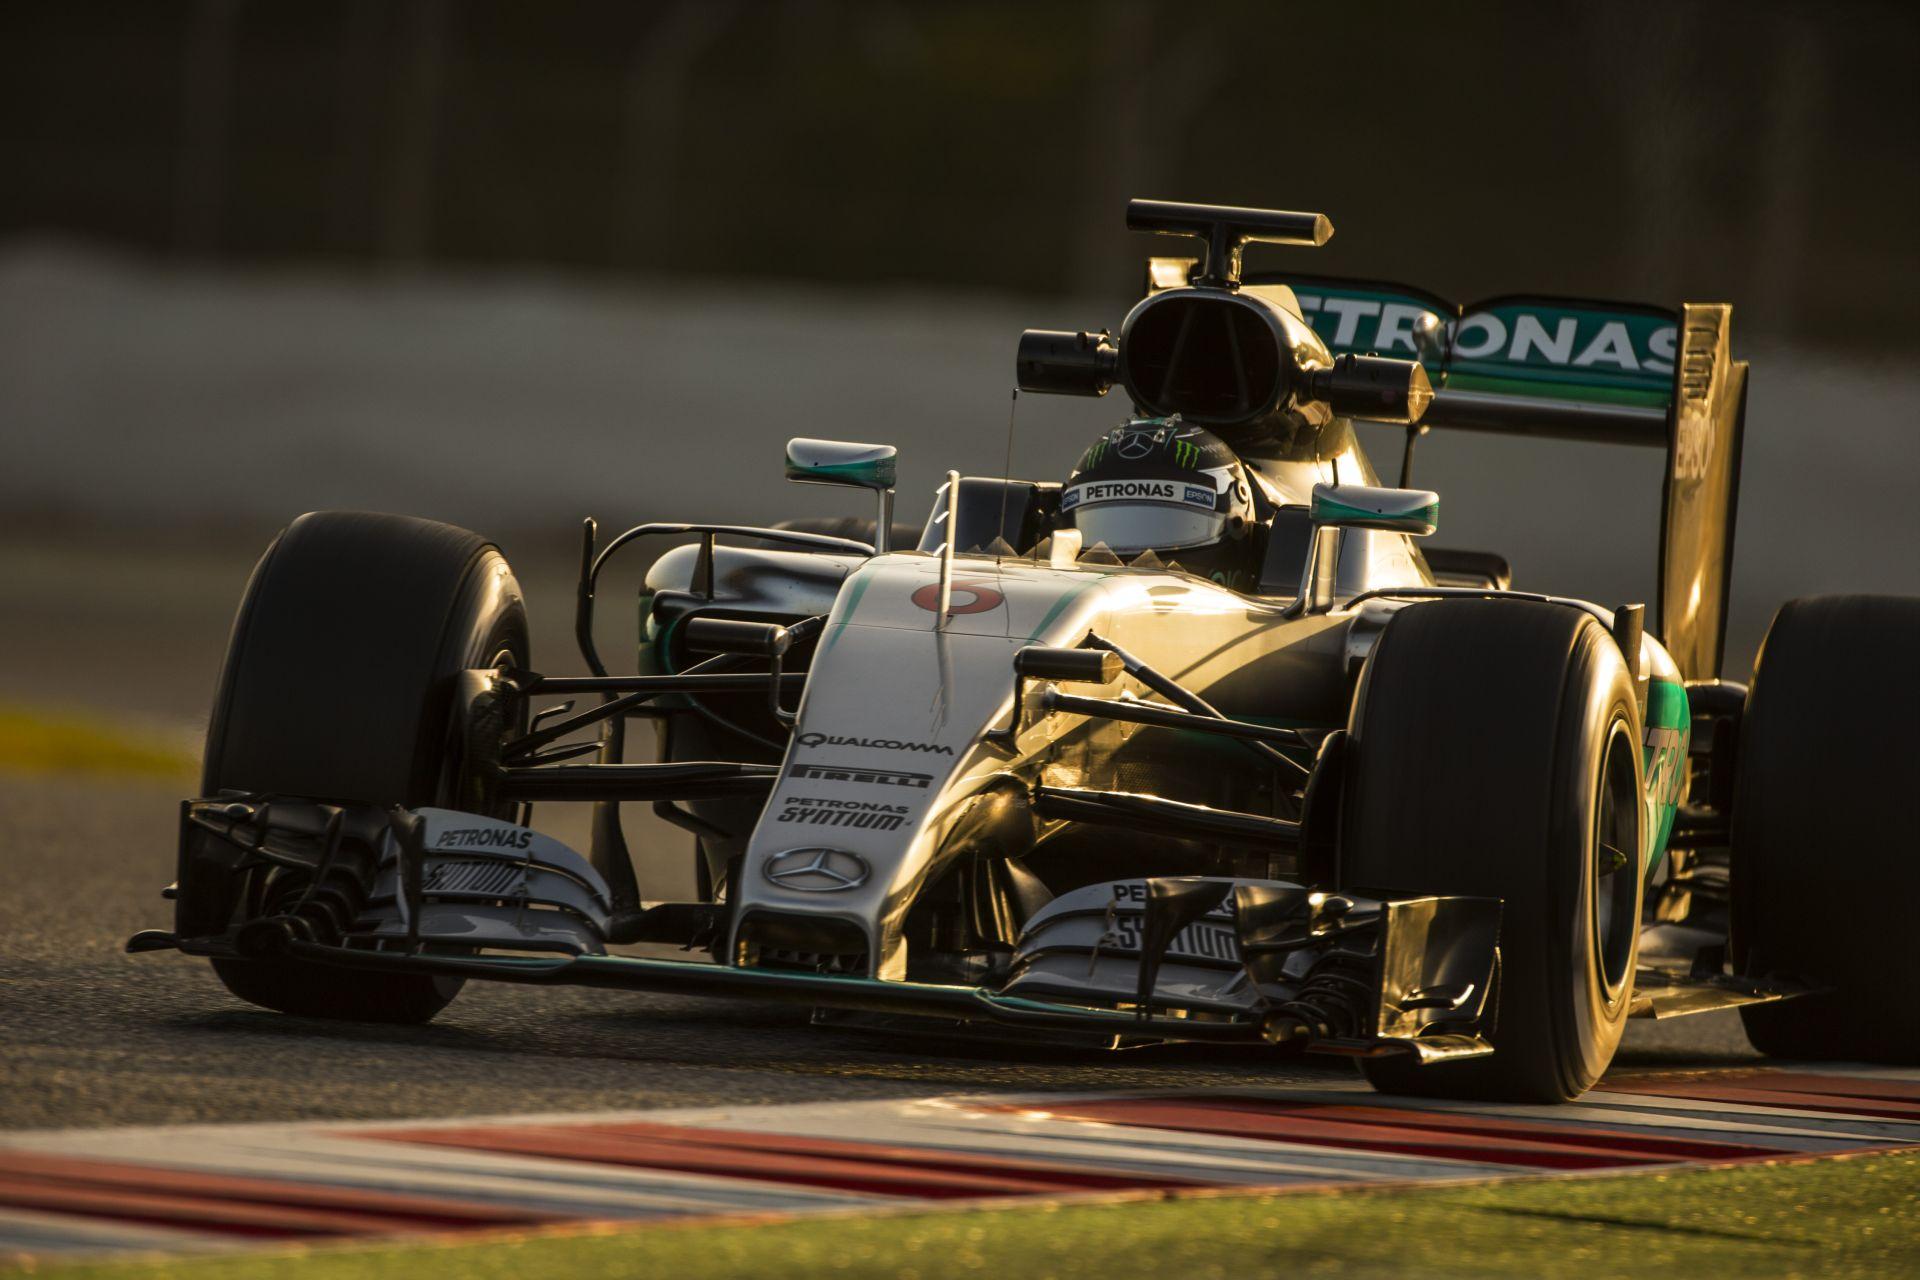 2017-től totálisan átalakul a Forma-1, de mi van, ha akkor is a Mercedes lesz a legjobb?